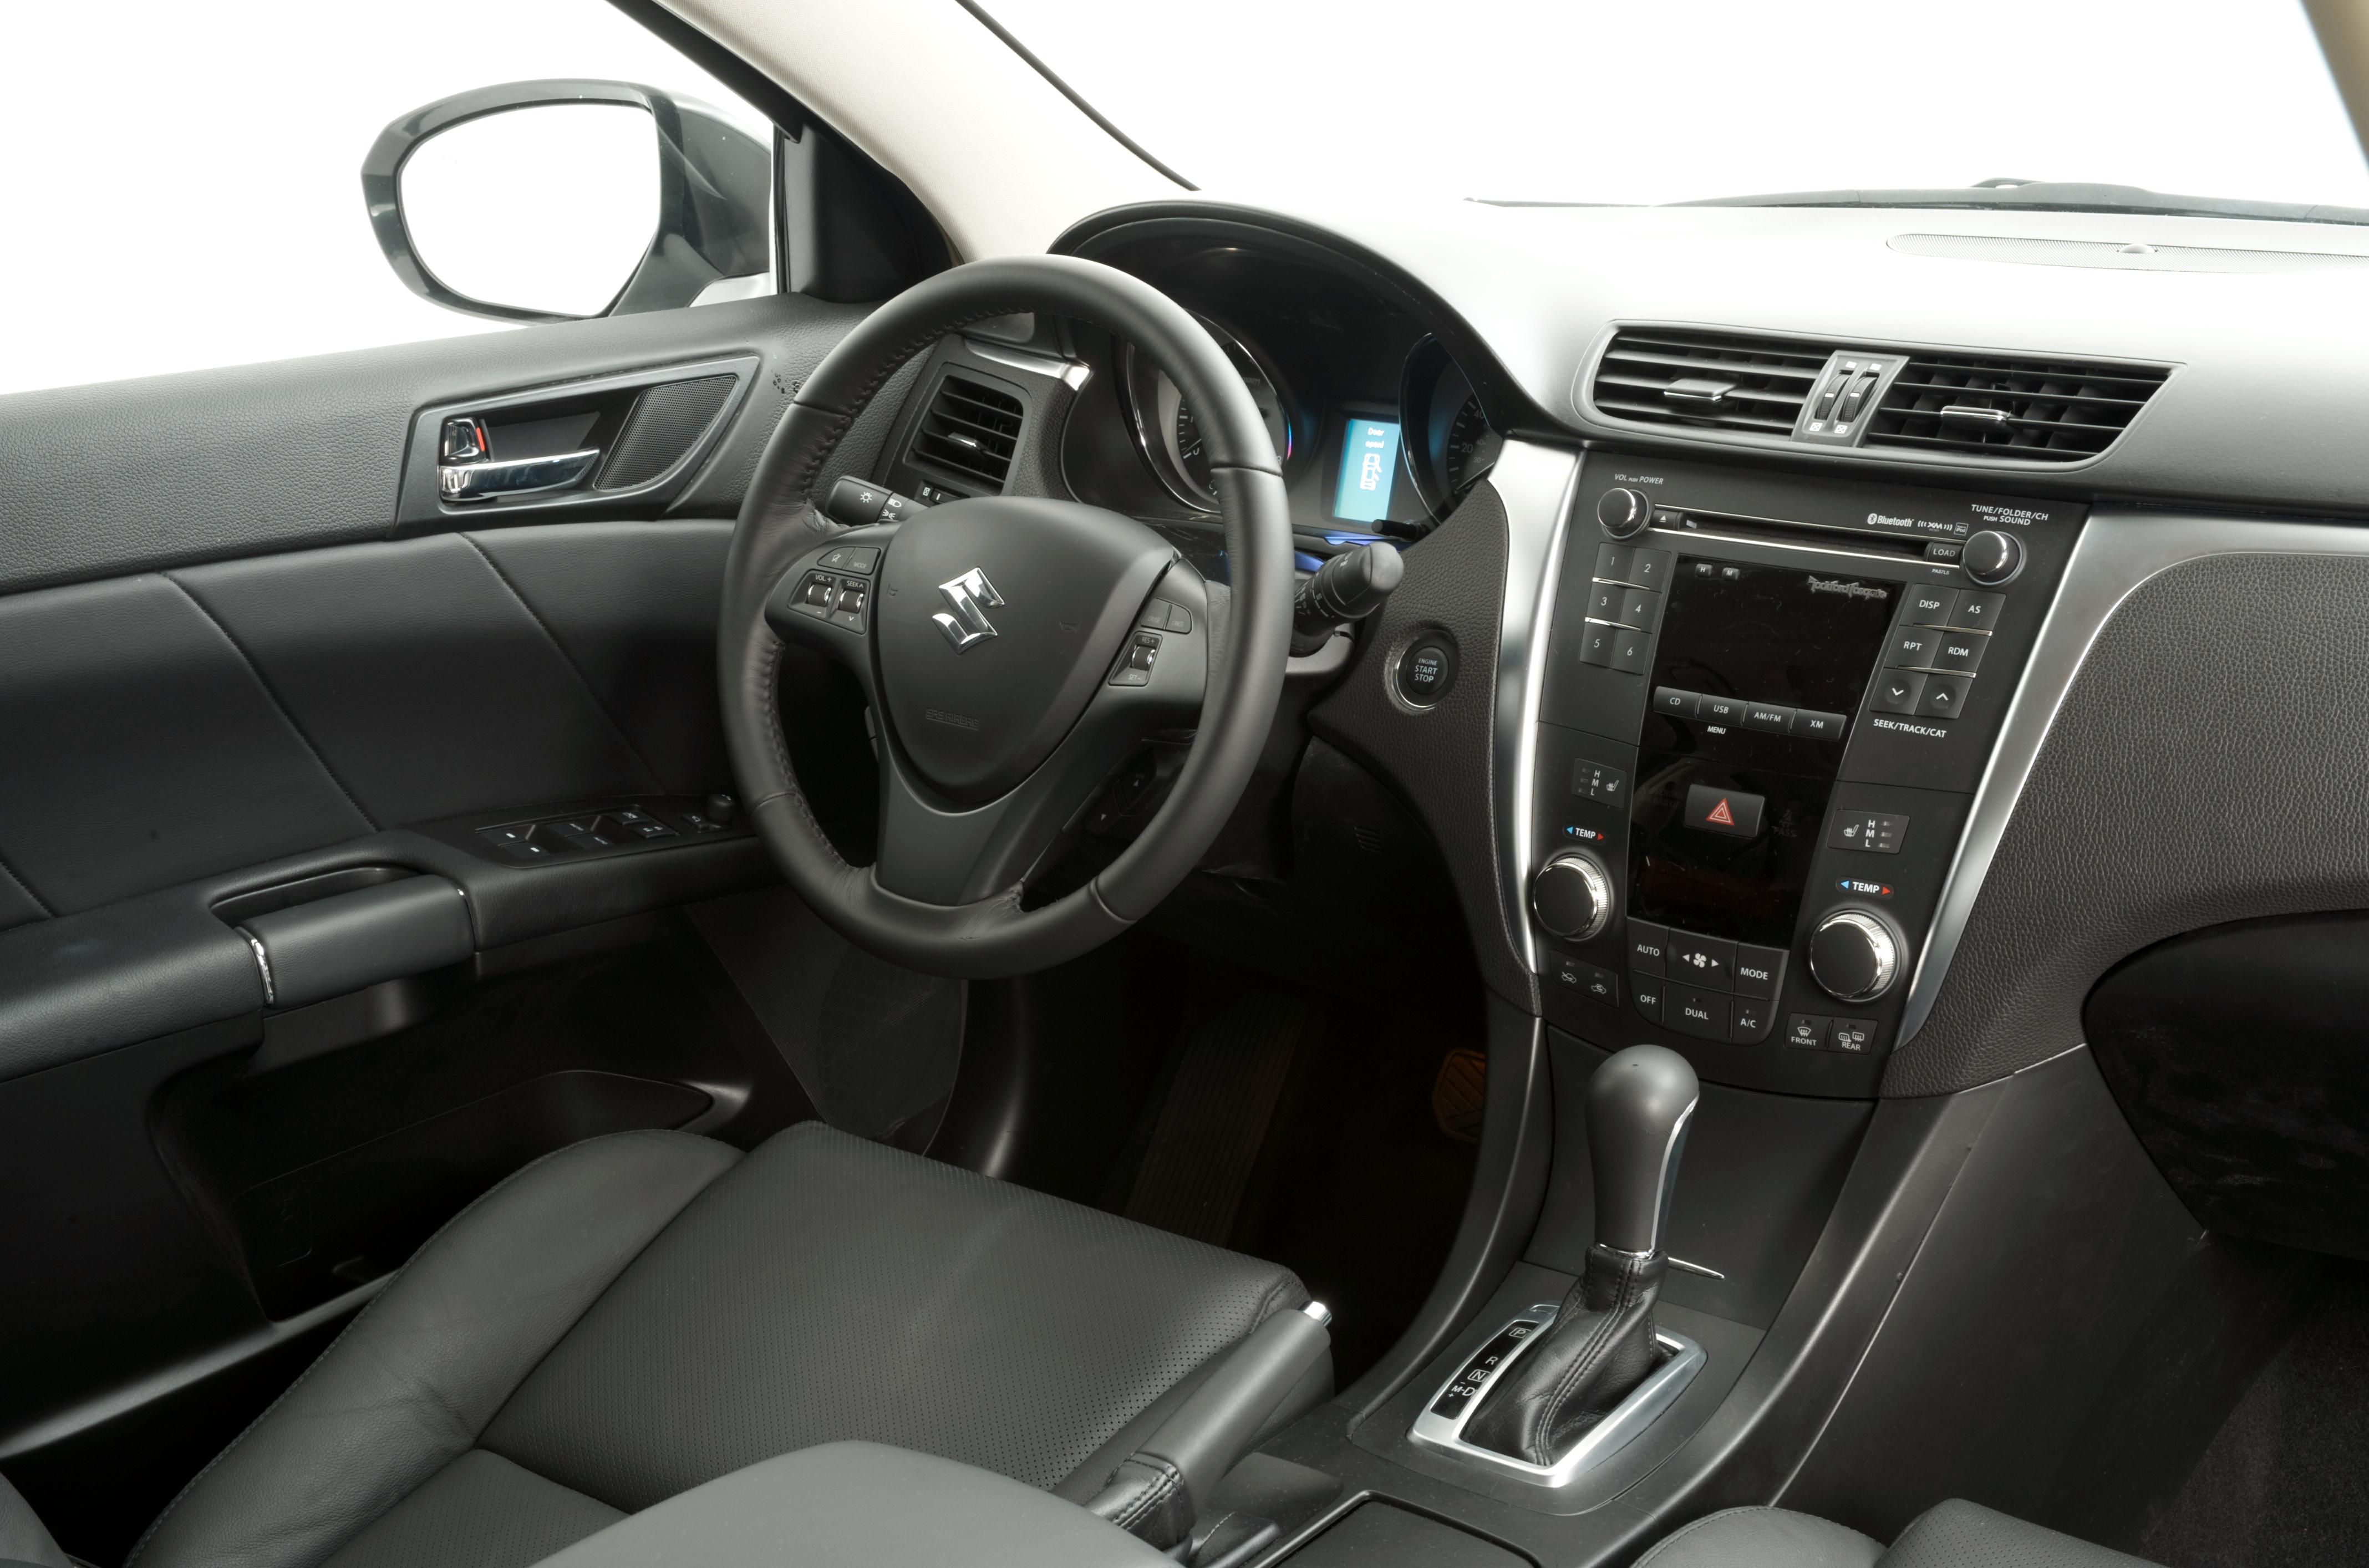 Driving Notes on the Suzuki Kizashi  Auto Focus  Business Fleet